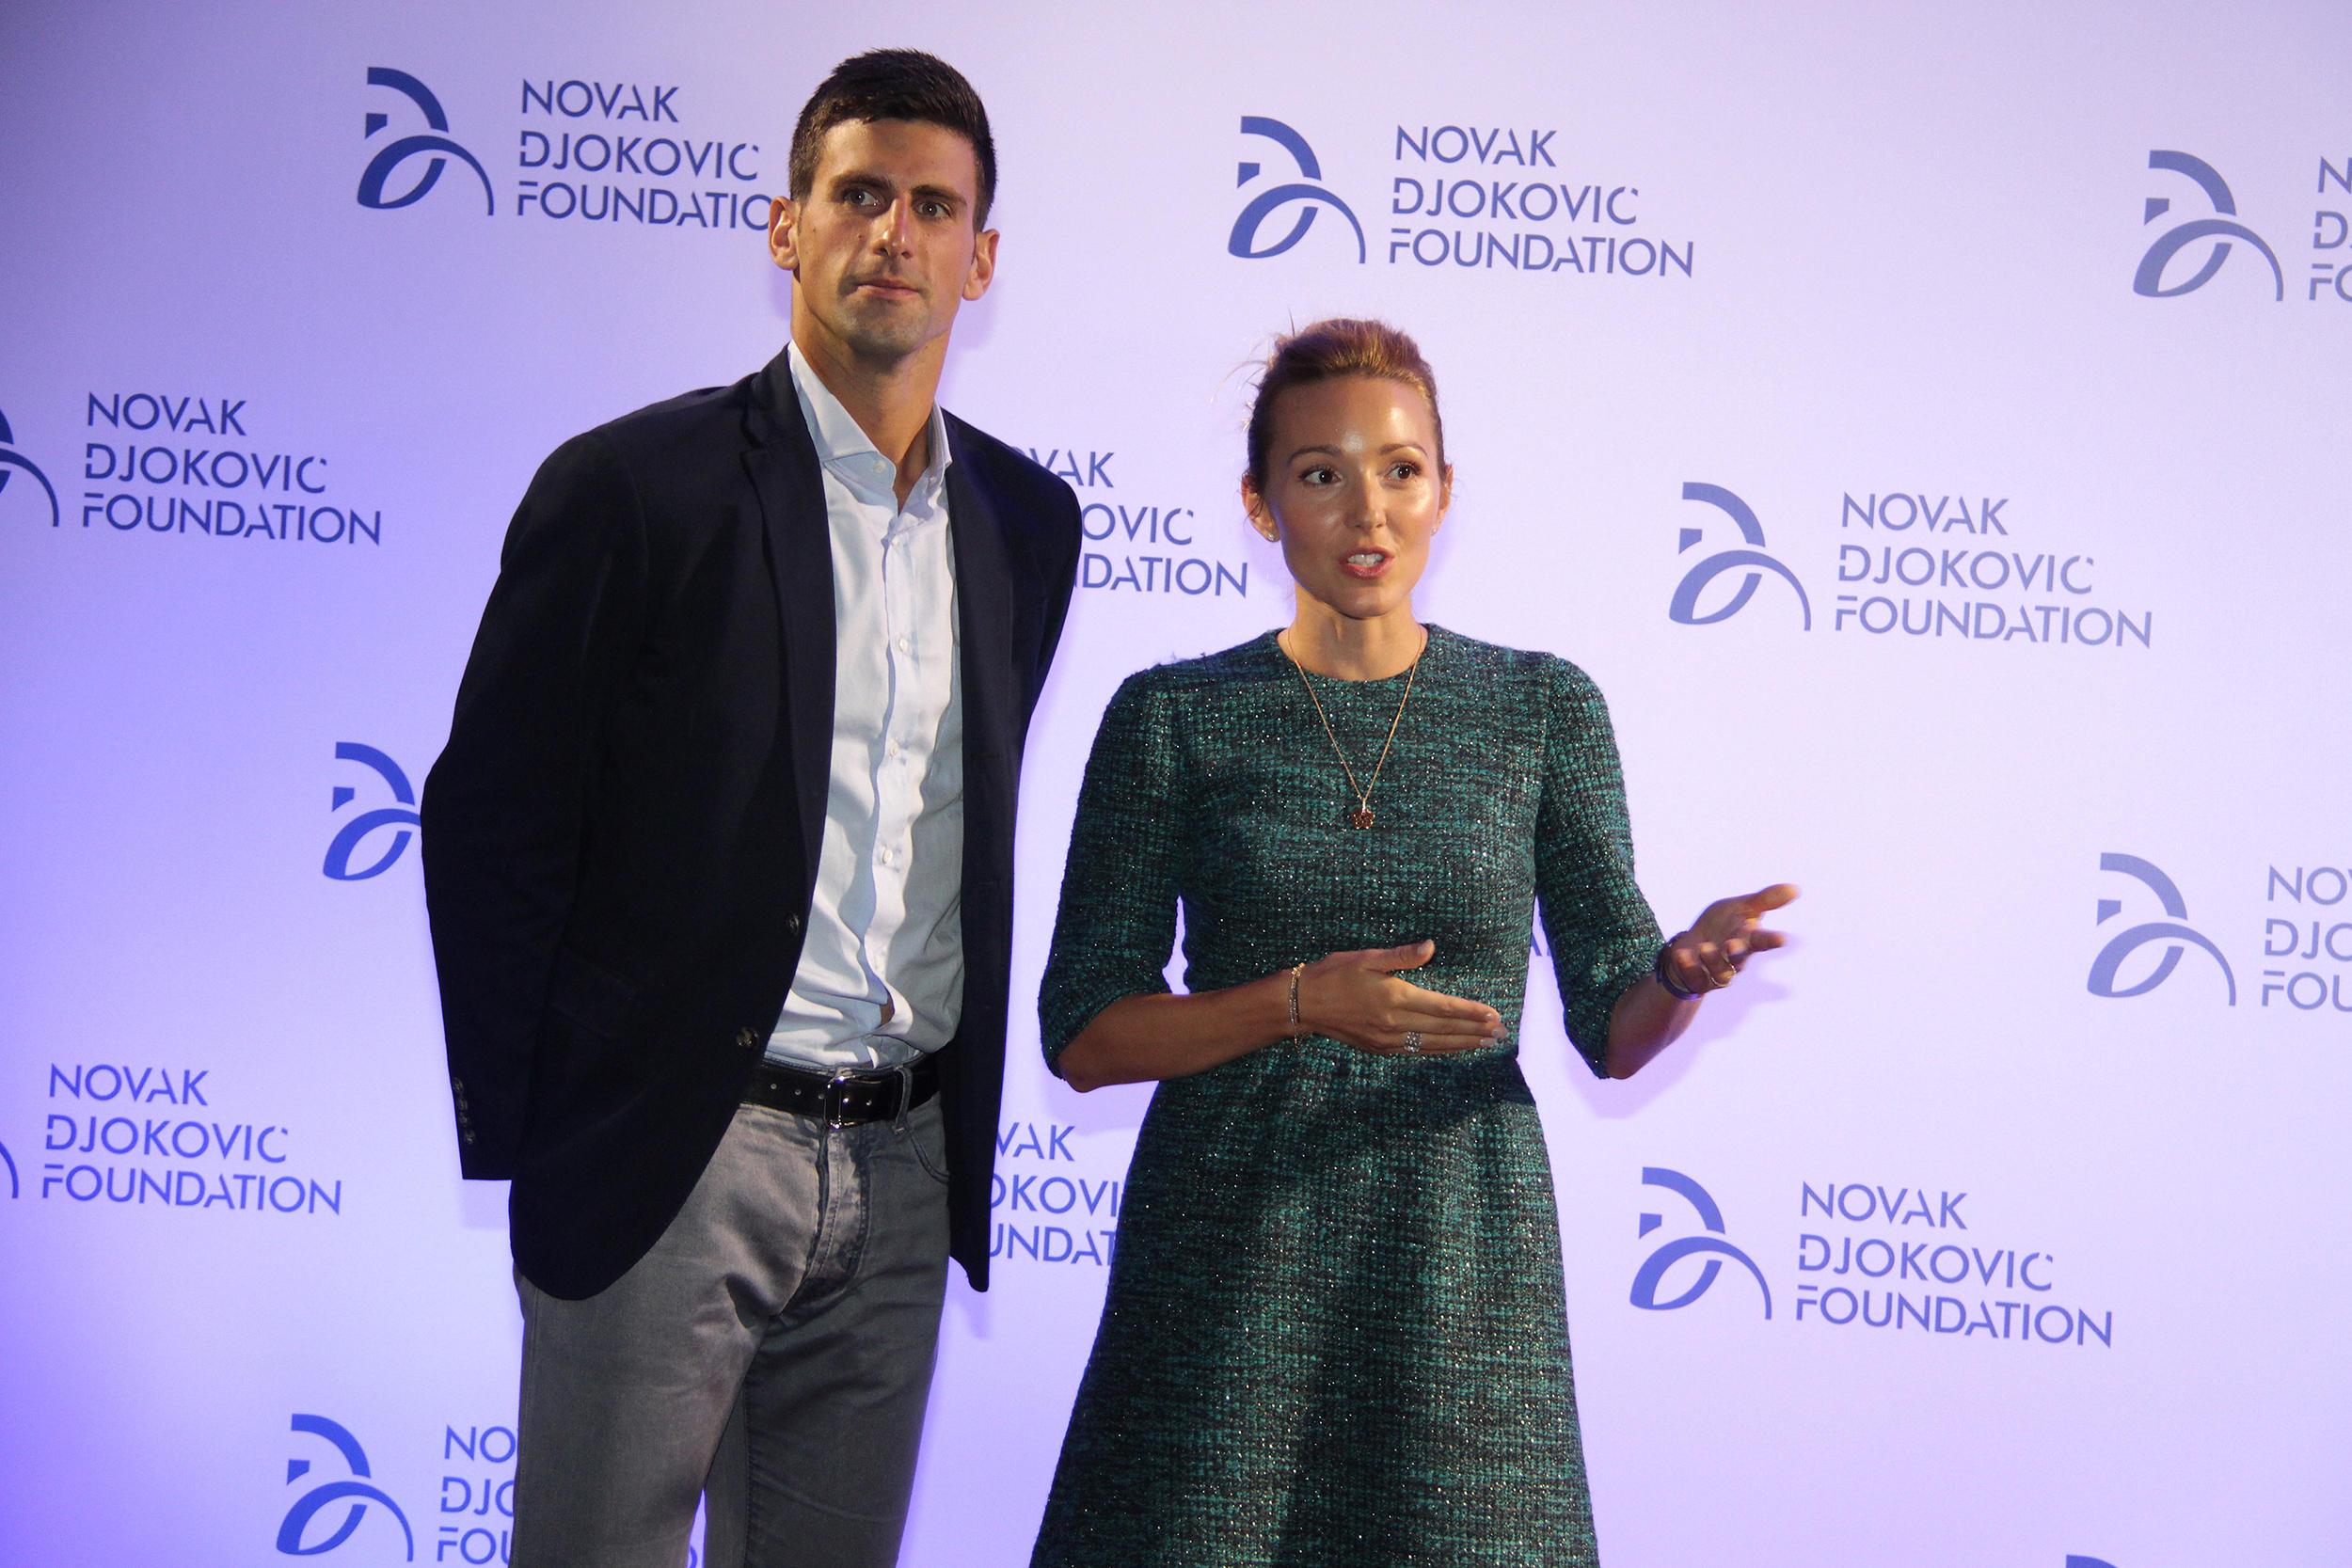 Djokovici-ocarali-modne-kriticare-u-Italiji-ali-jednu-stvar-na-Jeleni-ni-oni-ni-niko-drugi-do-sada-nije-primetio-FOTO